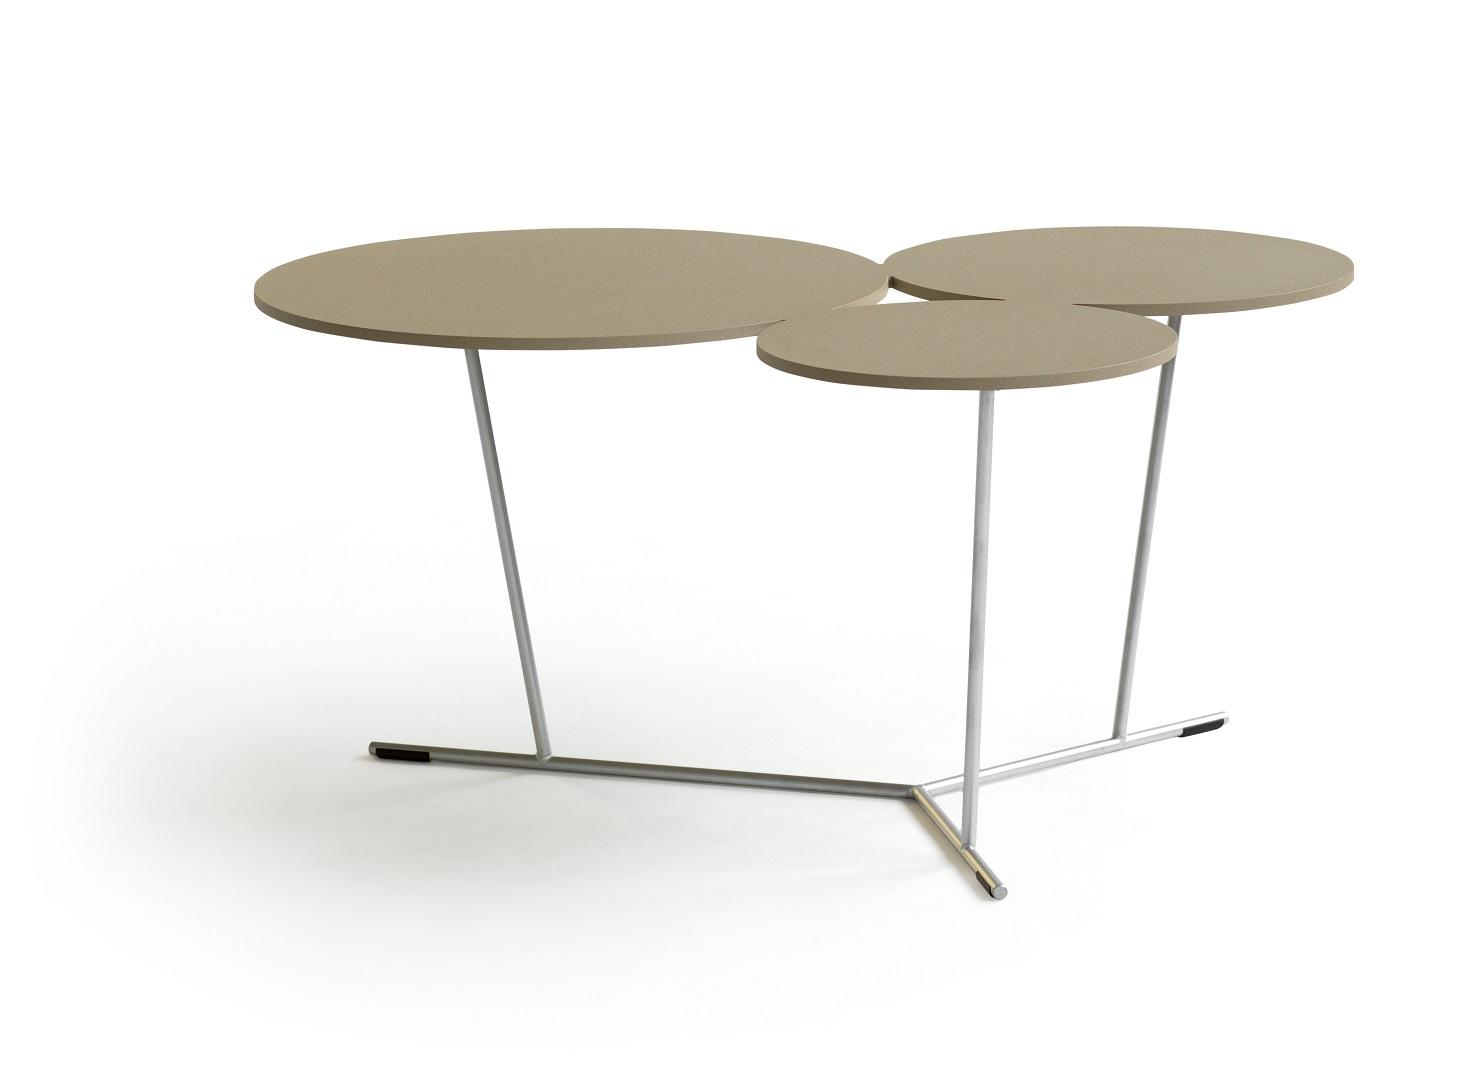 Table basse design Bubble BLA STATION graphique décorative outdoor exterieur